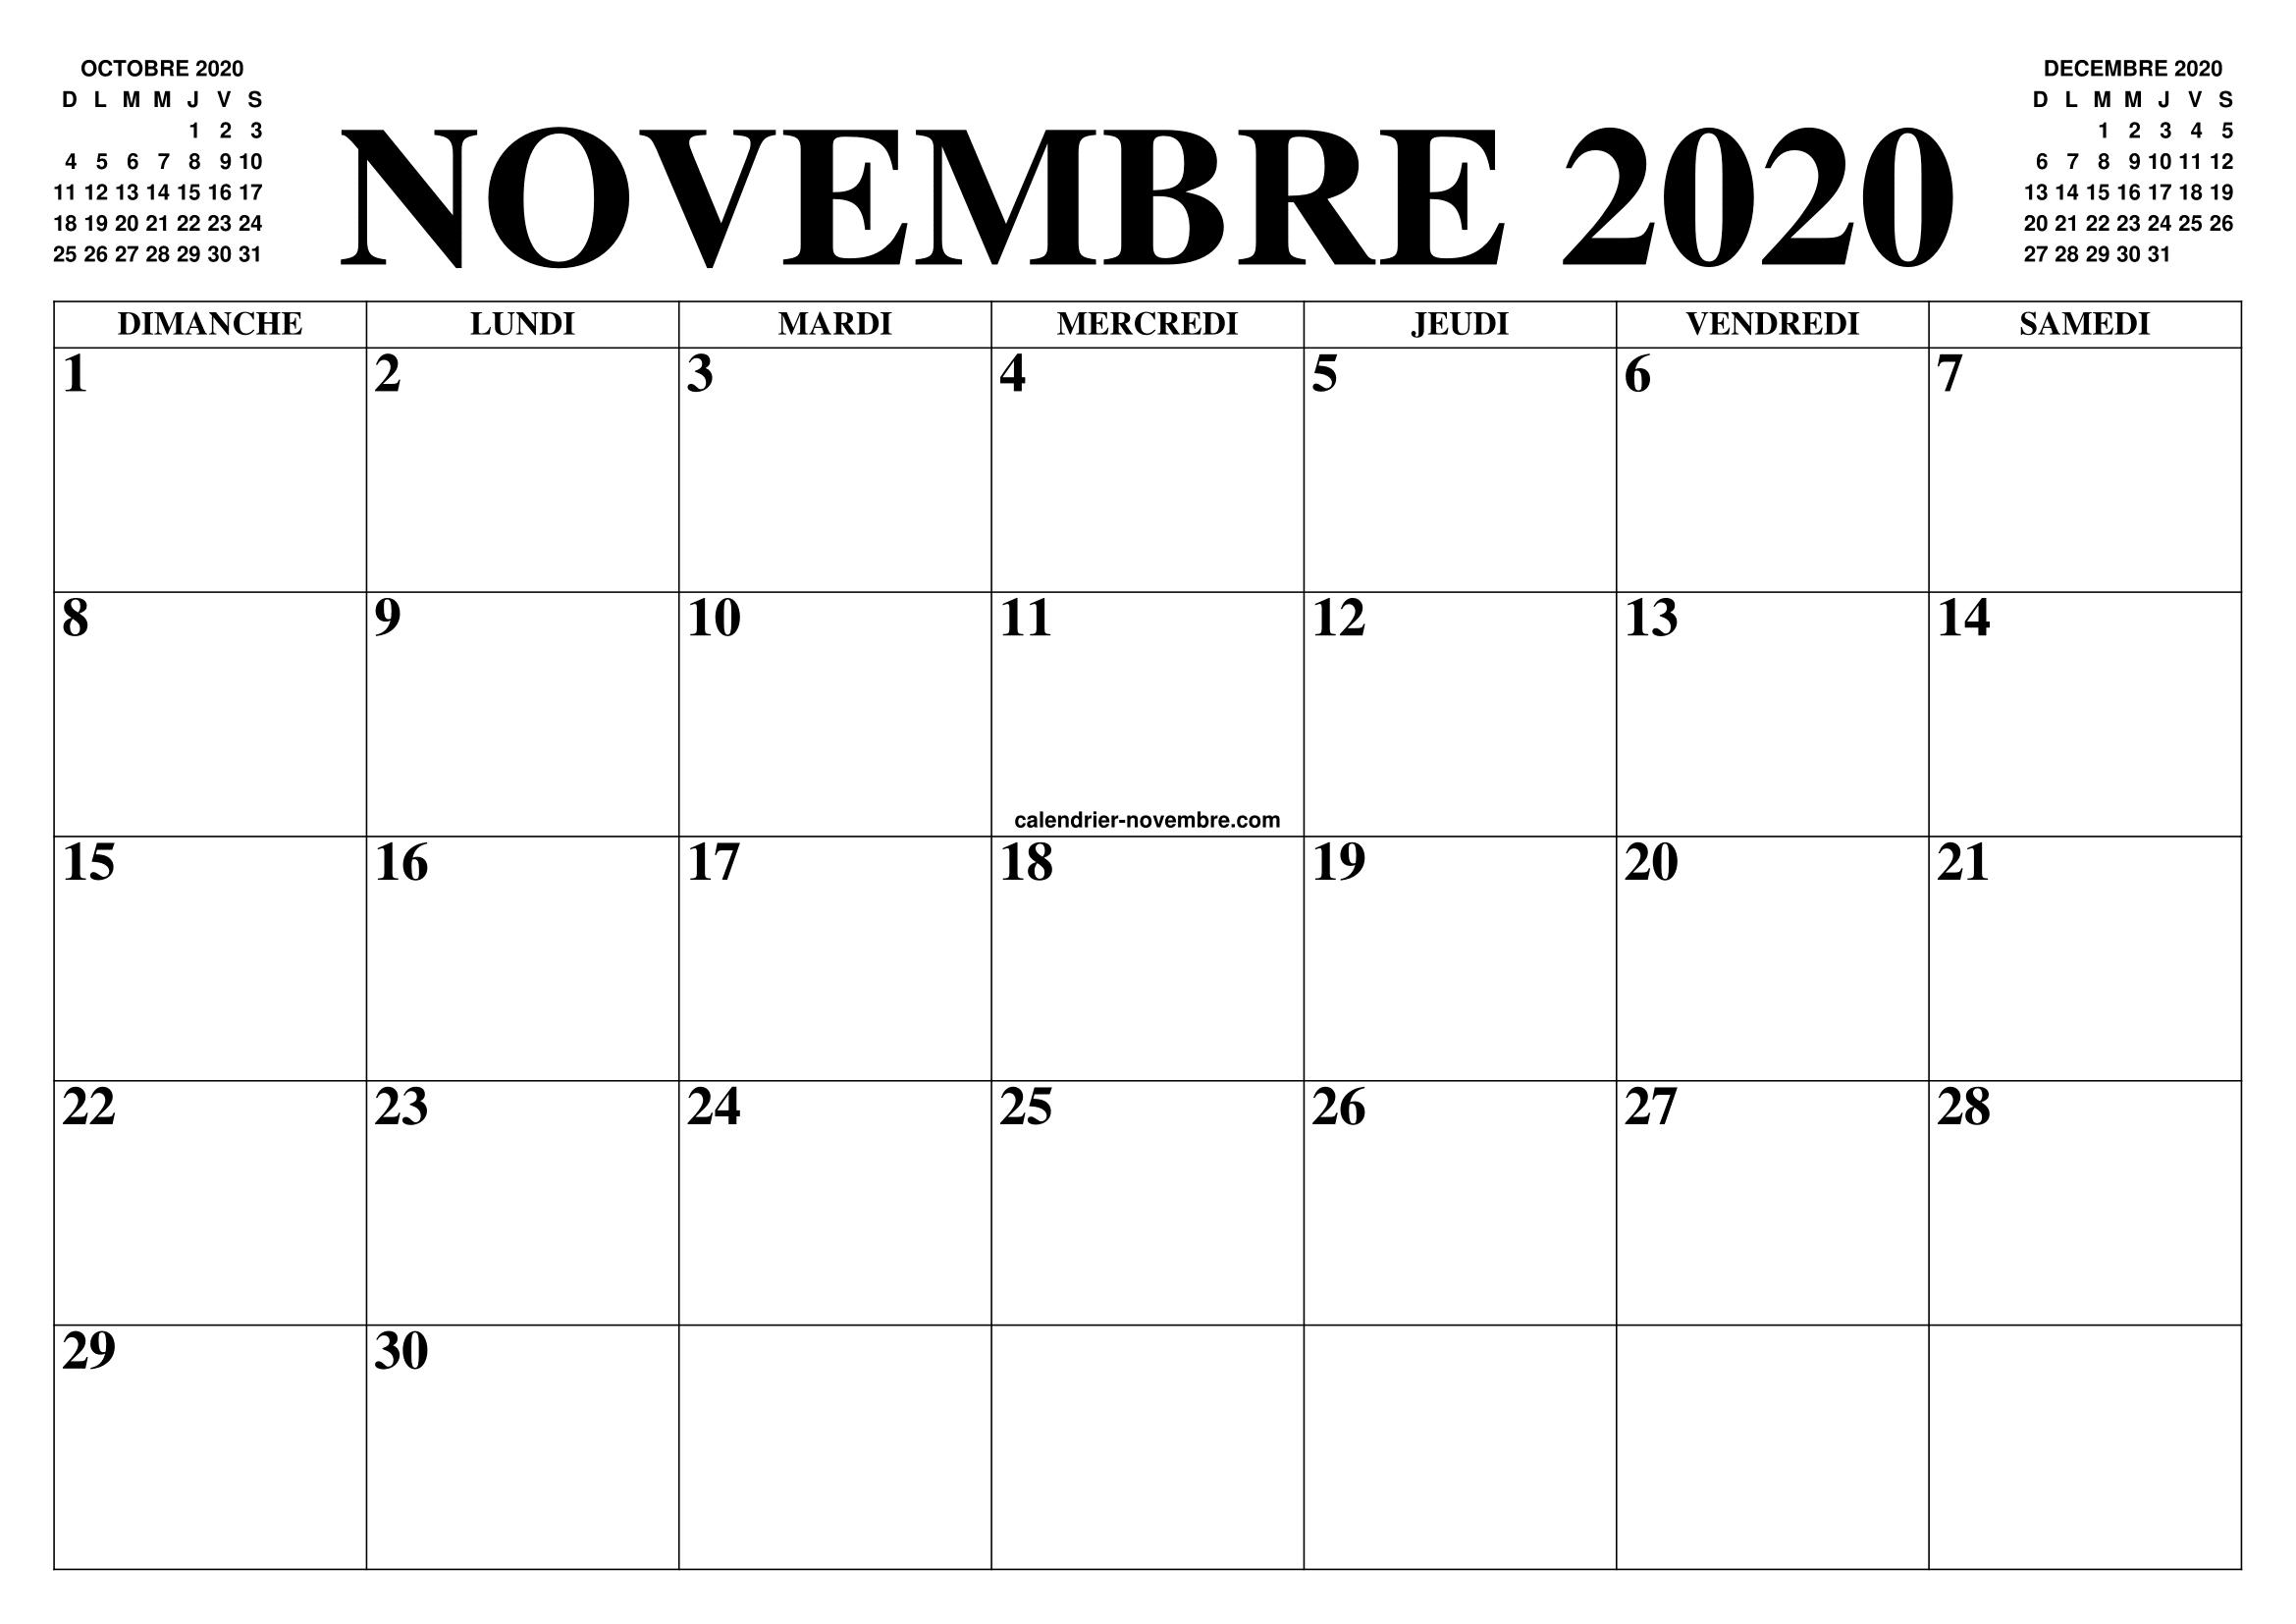 Novembre 2020 Calendario.Calendrier Novembre 2020 Le Calendrier Du Mois De Novembre